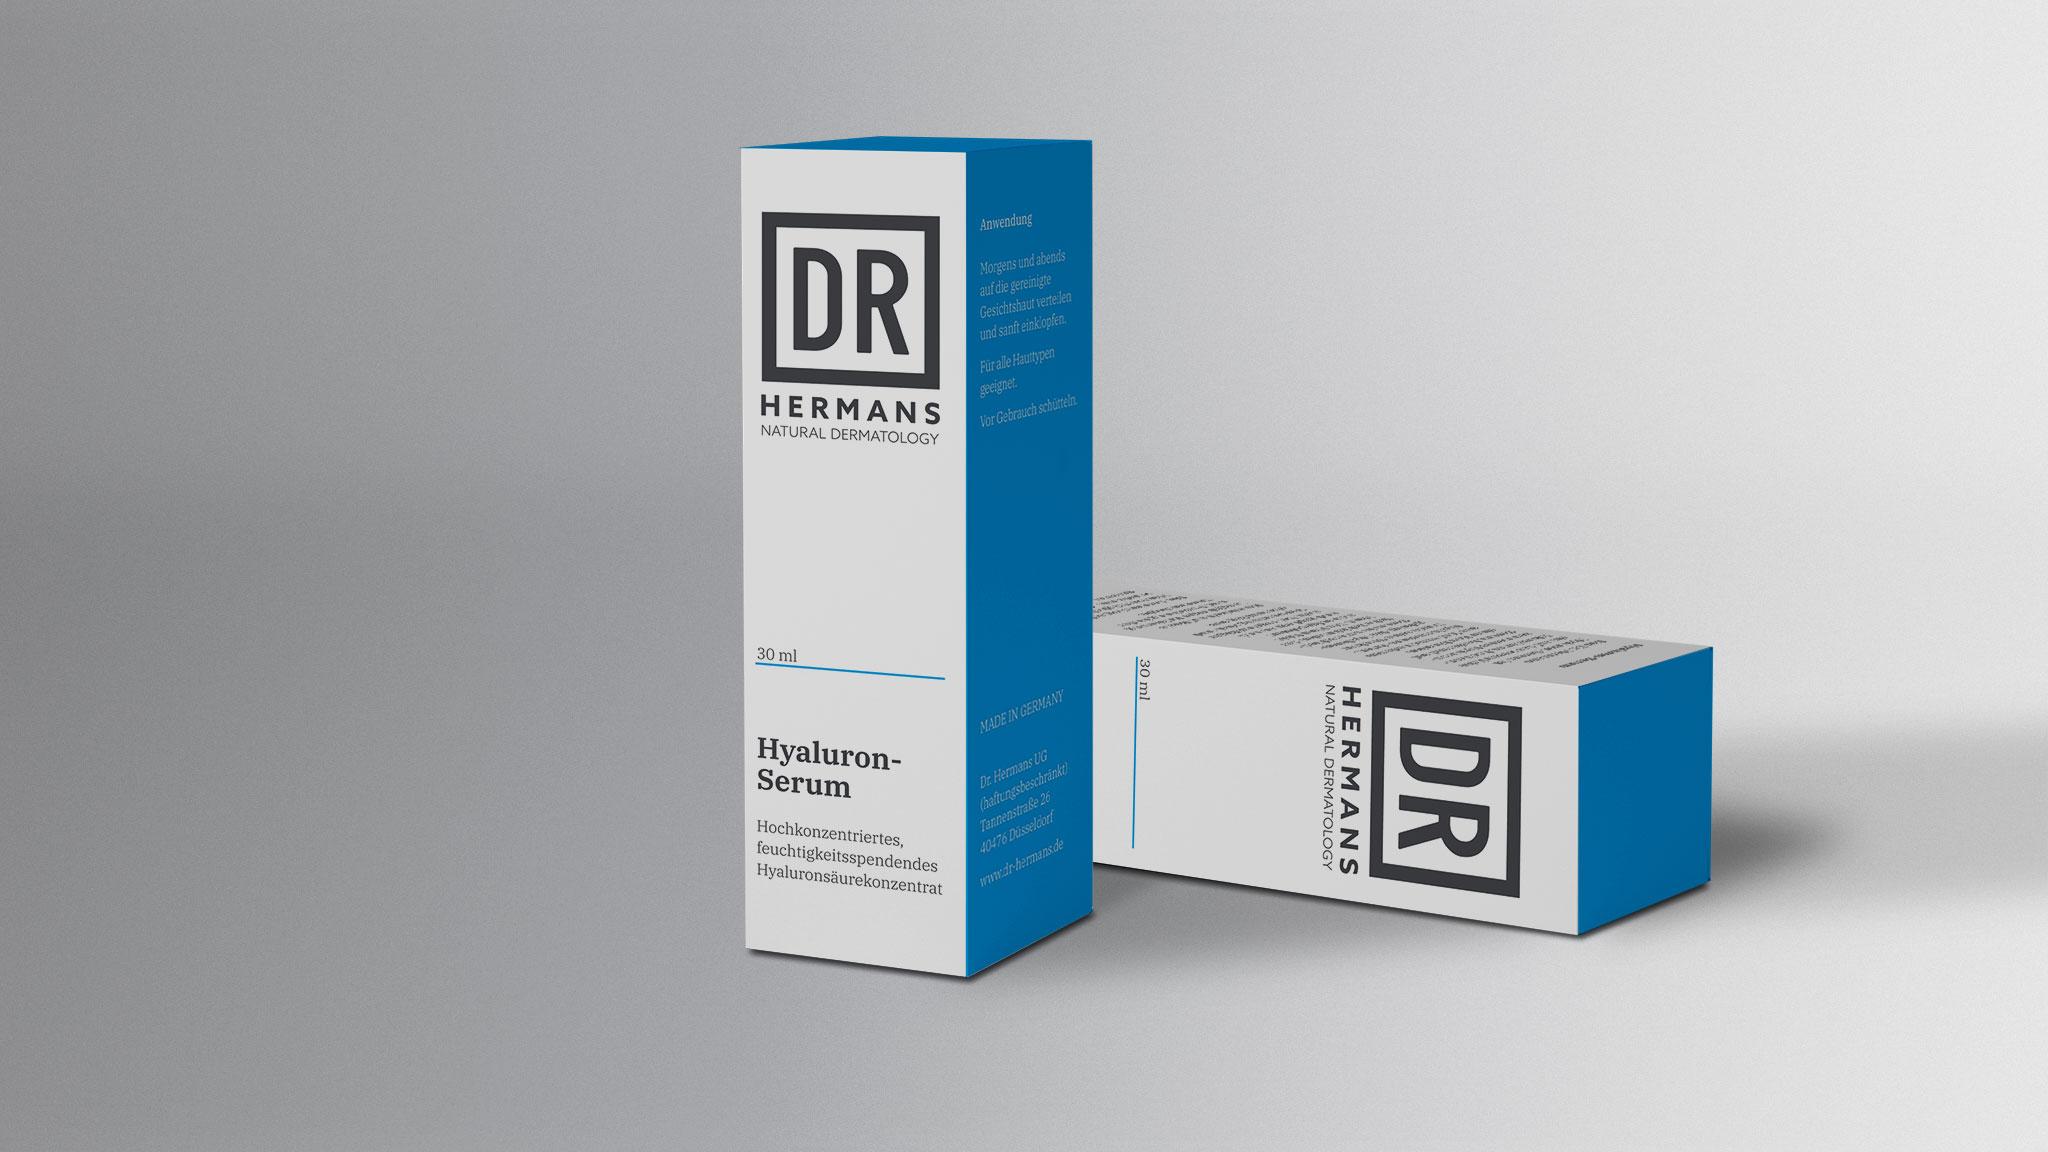 02_Dr.Hermans_Verpackung2